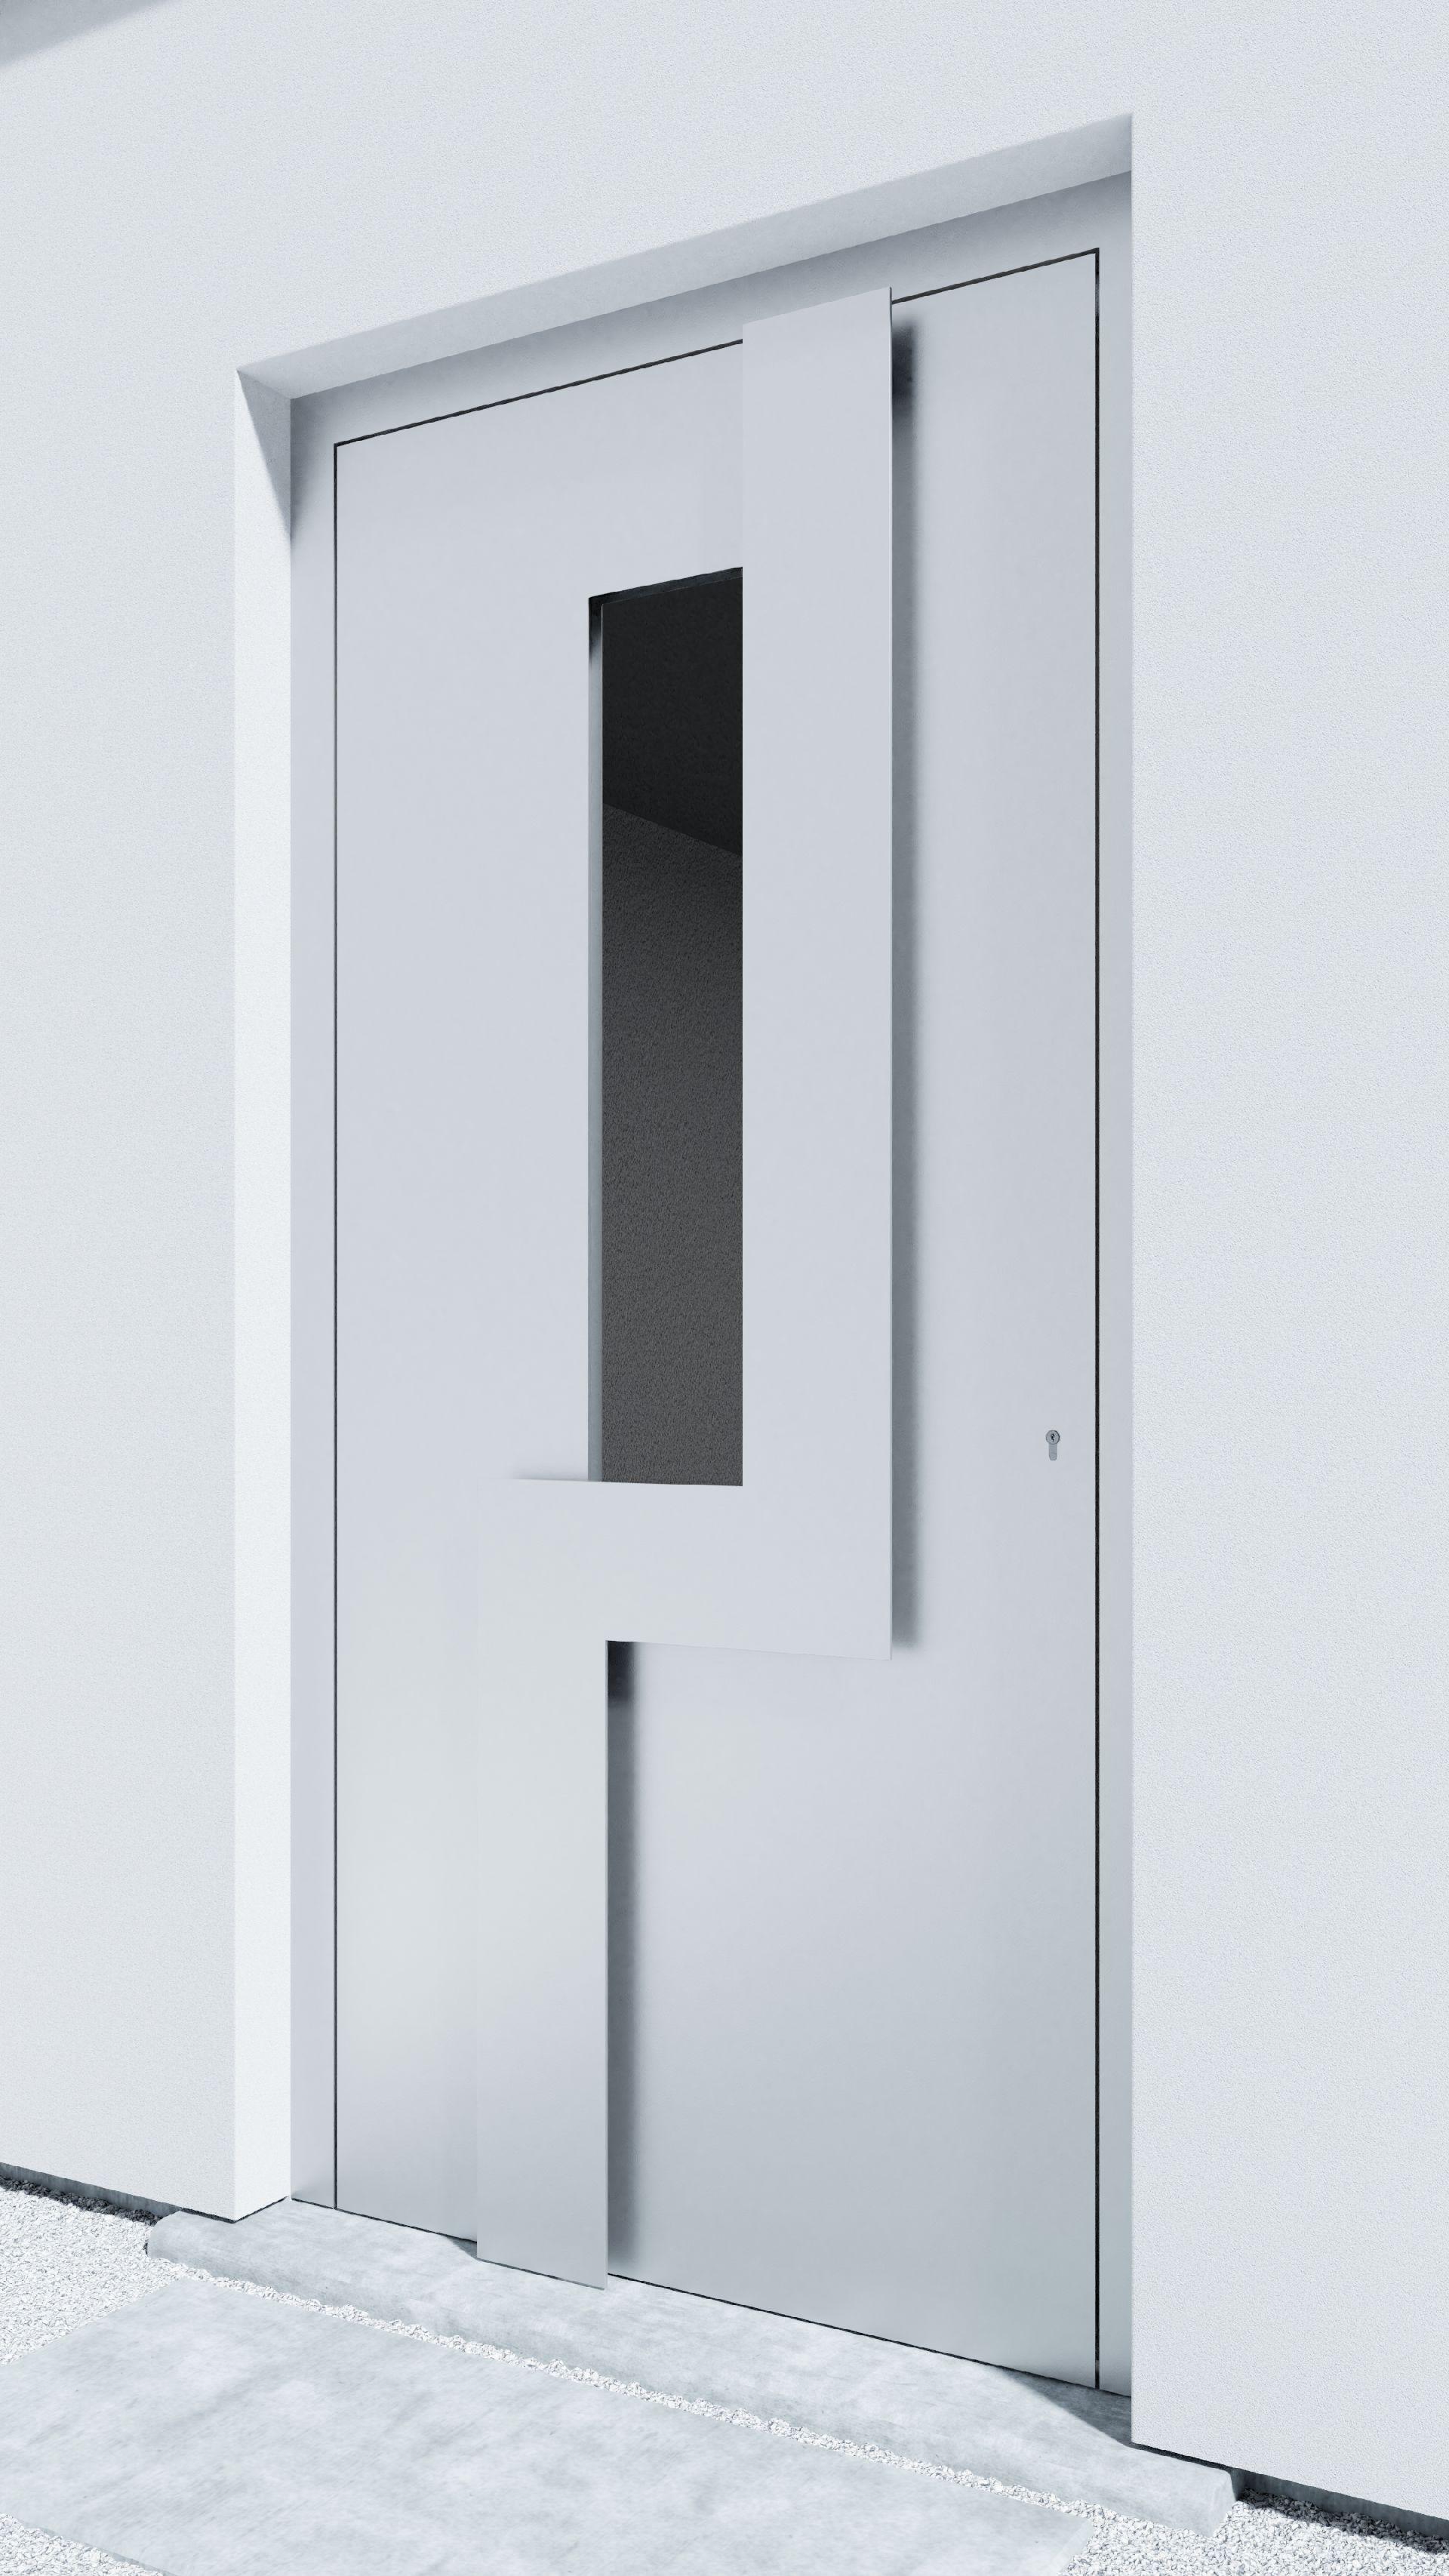 Porte d'entrée BH061W Wagenfeld de la gamme Bauhaus posée par les établissements CELEREAU à Roncq